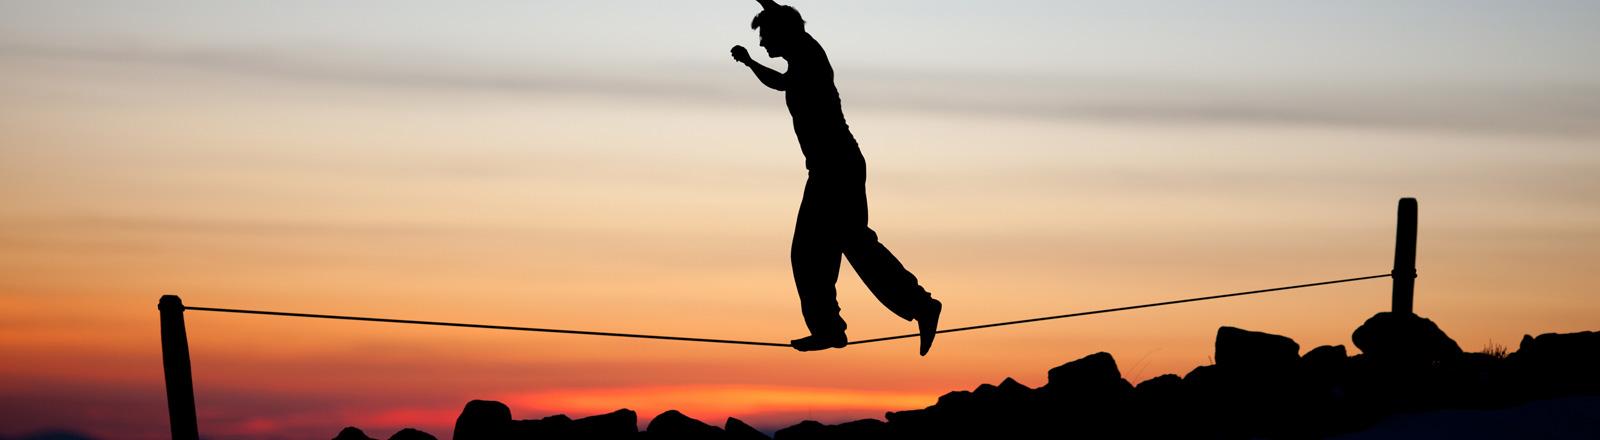 Die schwarze Silhouette eines Mannes zeichnet sich vor der Abendsonne ab. Er balanciert auf einer Slackline, einem gespannten Band.